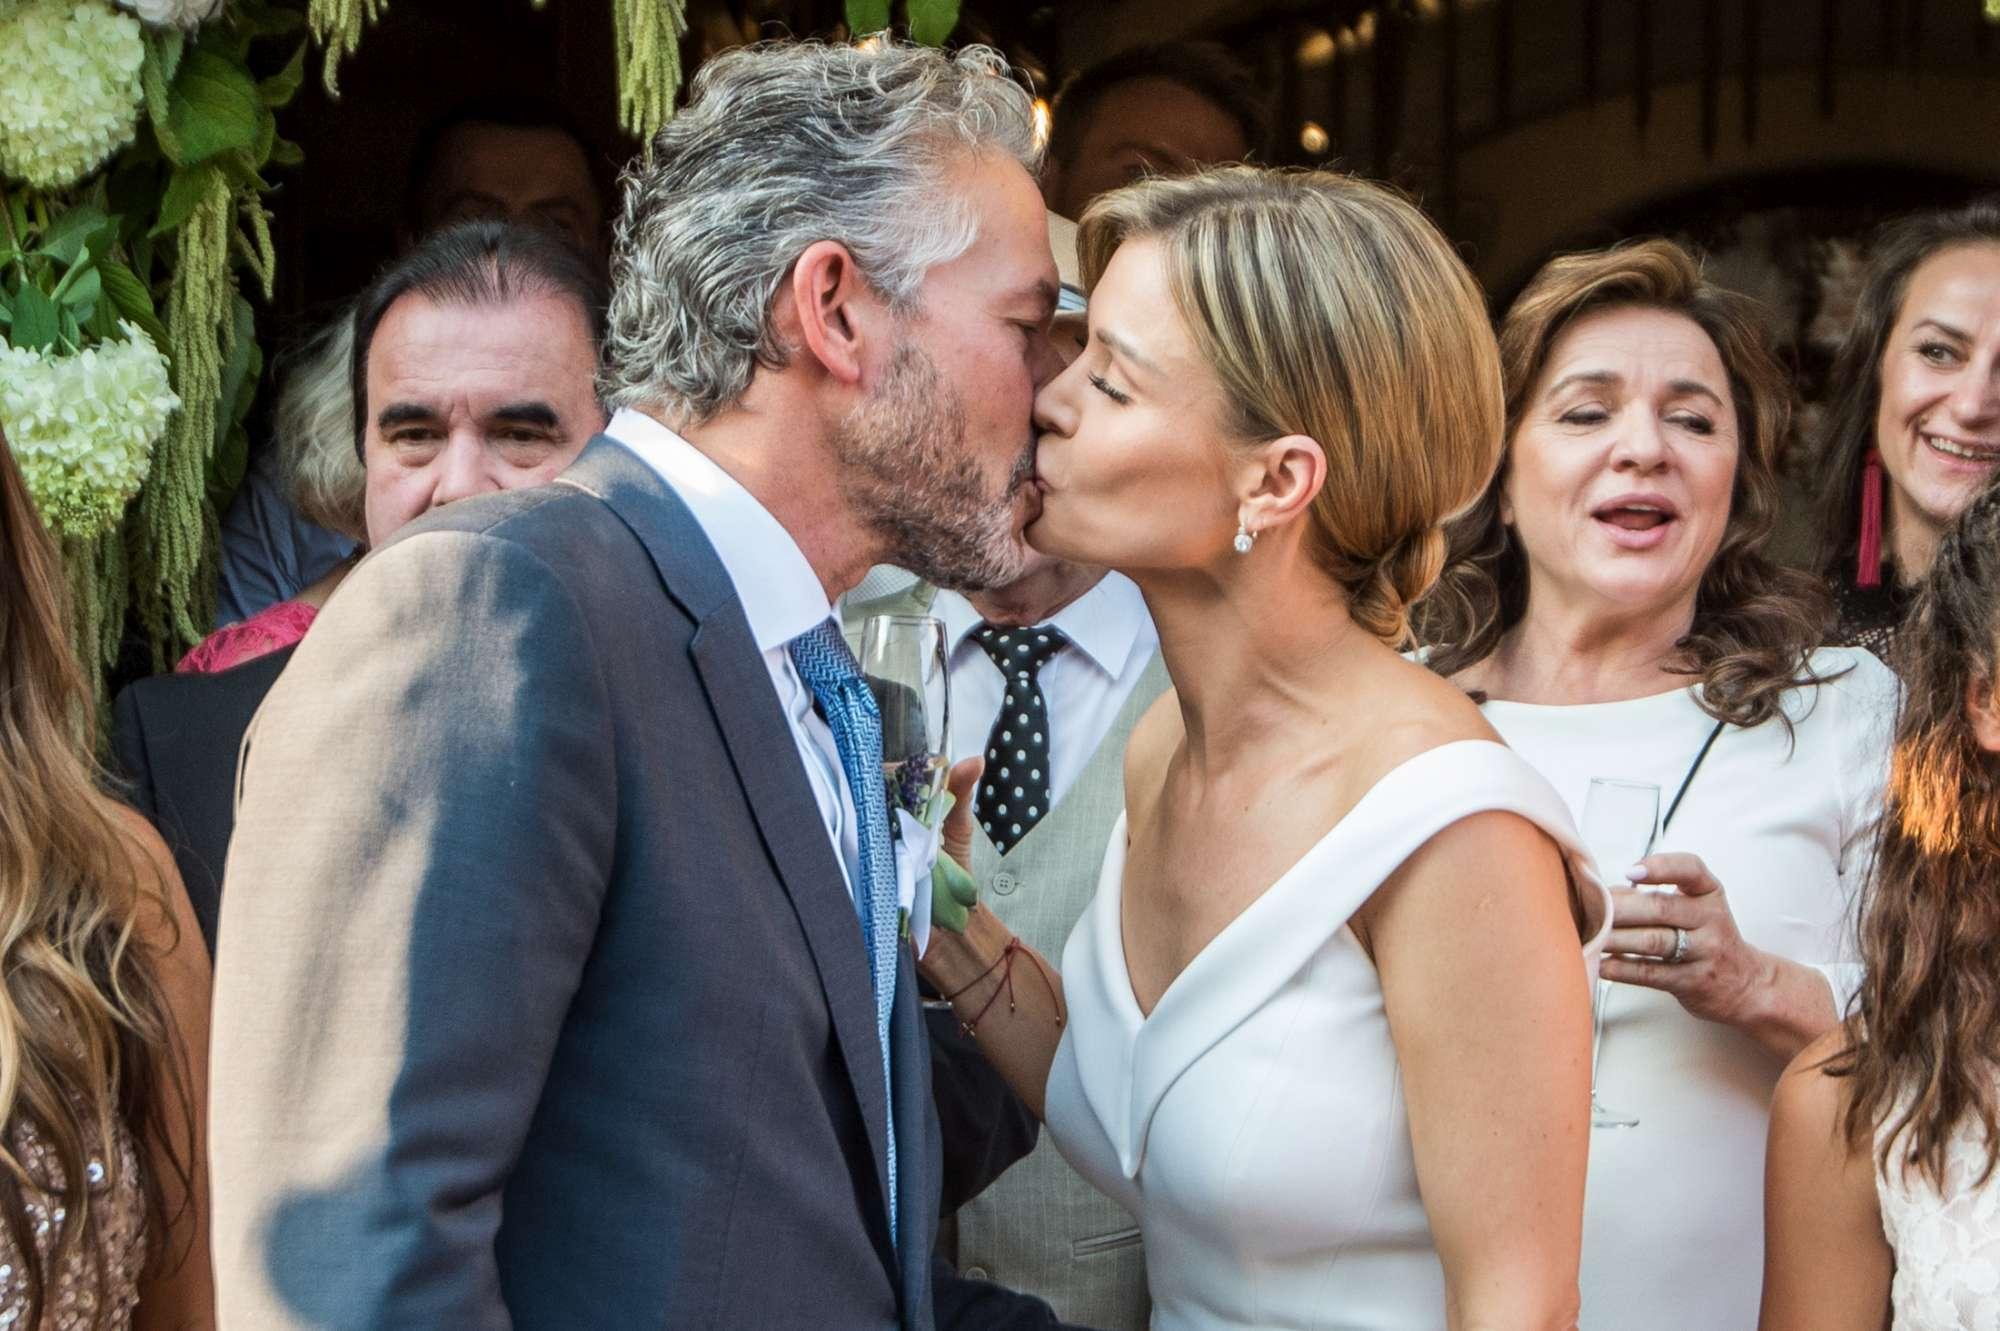 Joanna Krupa si è sposata per la seconda volta, guarda le foto del matrimonio